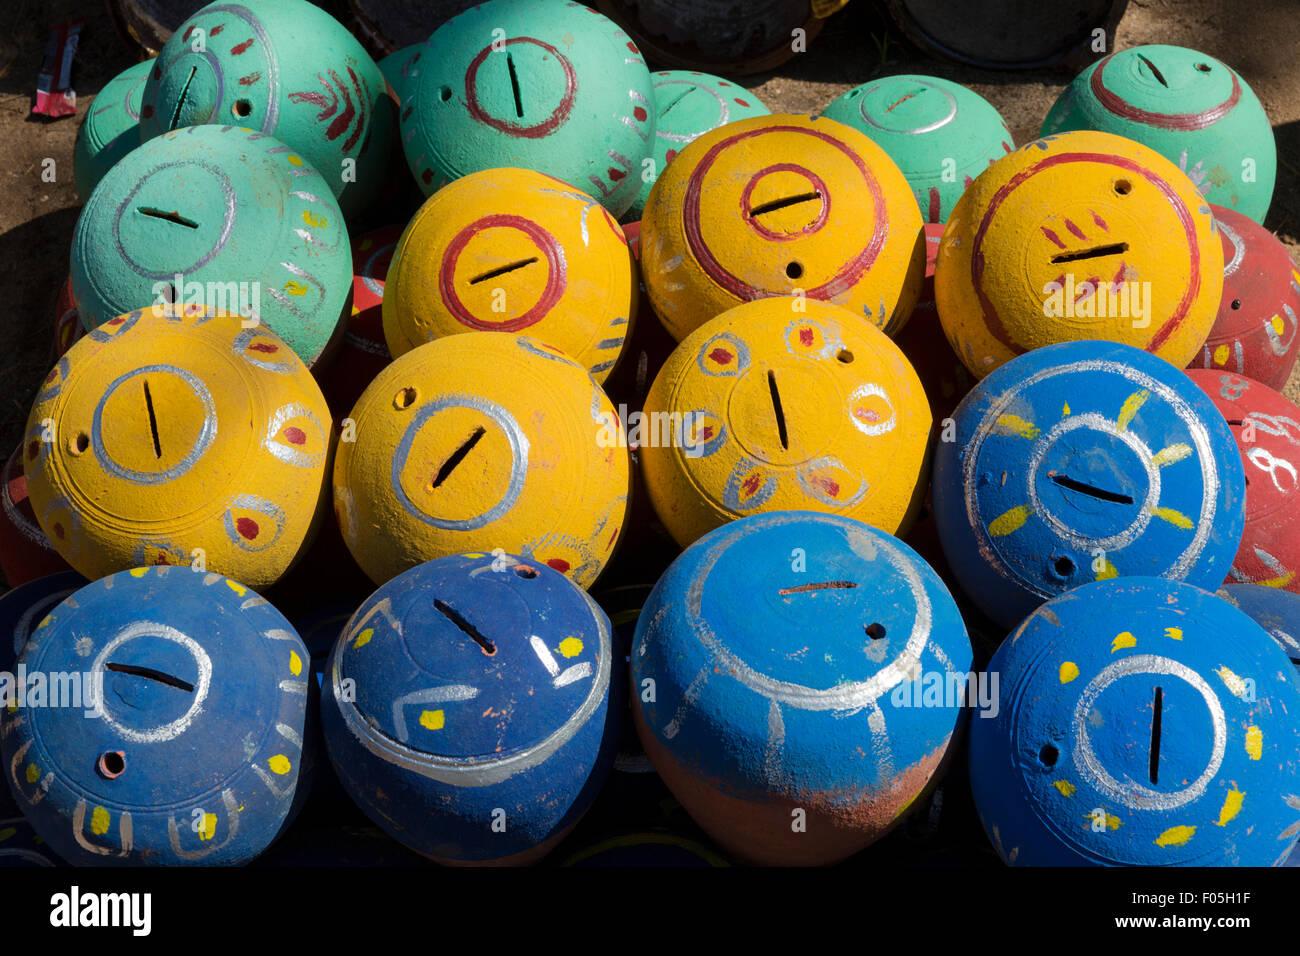 Ceramic balls, perhaps mosquito coil holders, in Nyaung U near Bagan, Myanmar - Stock Image